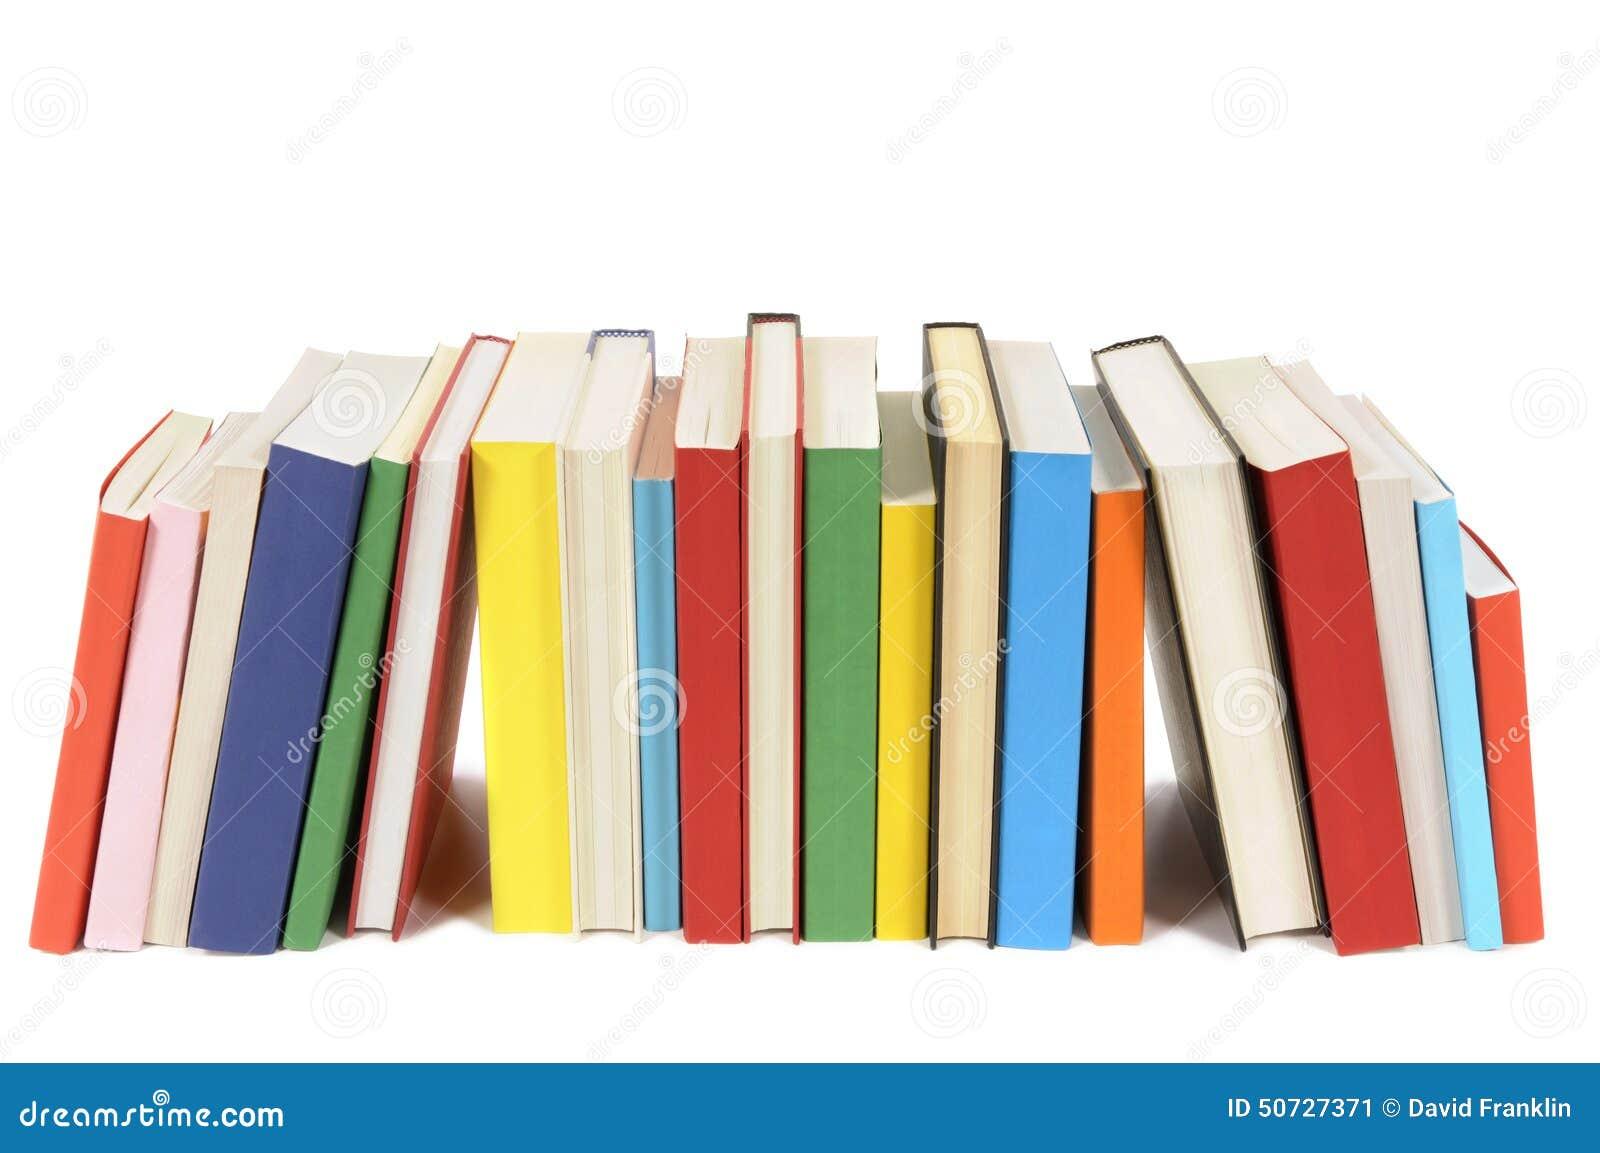 Fila de libros coloridos